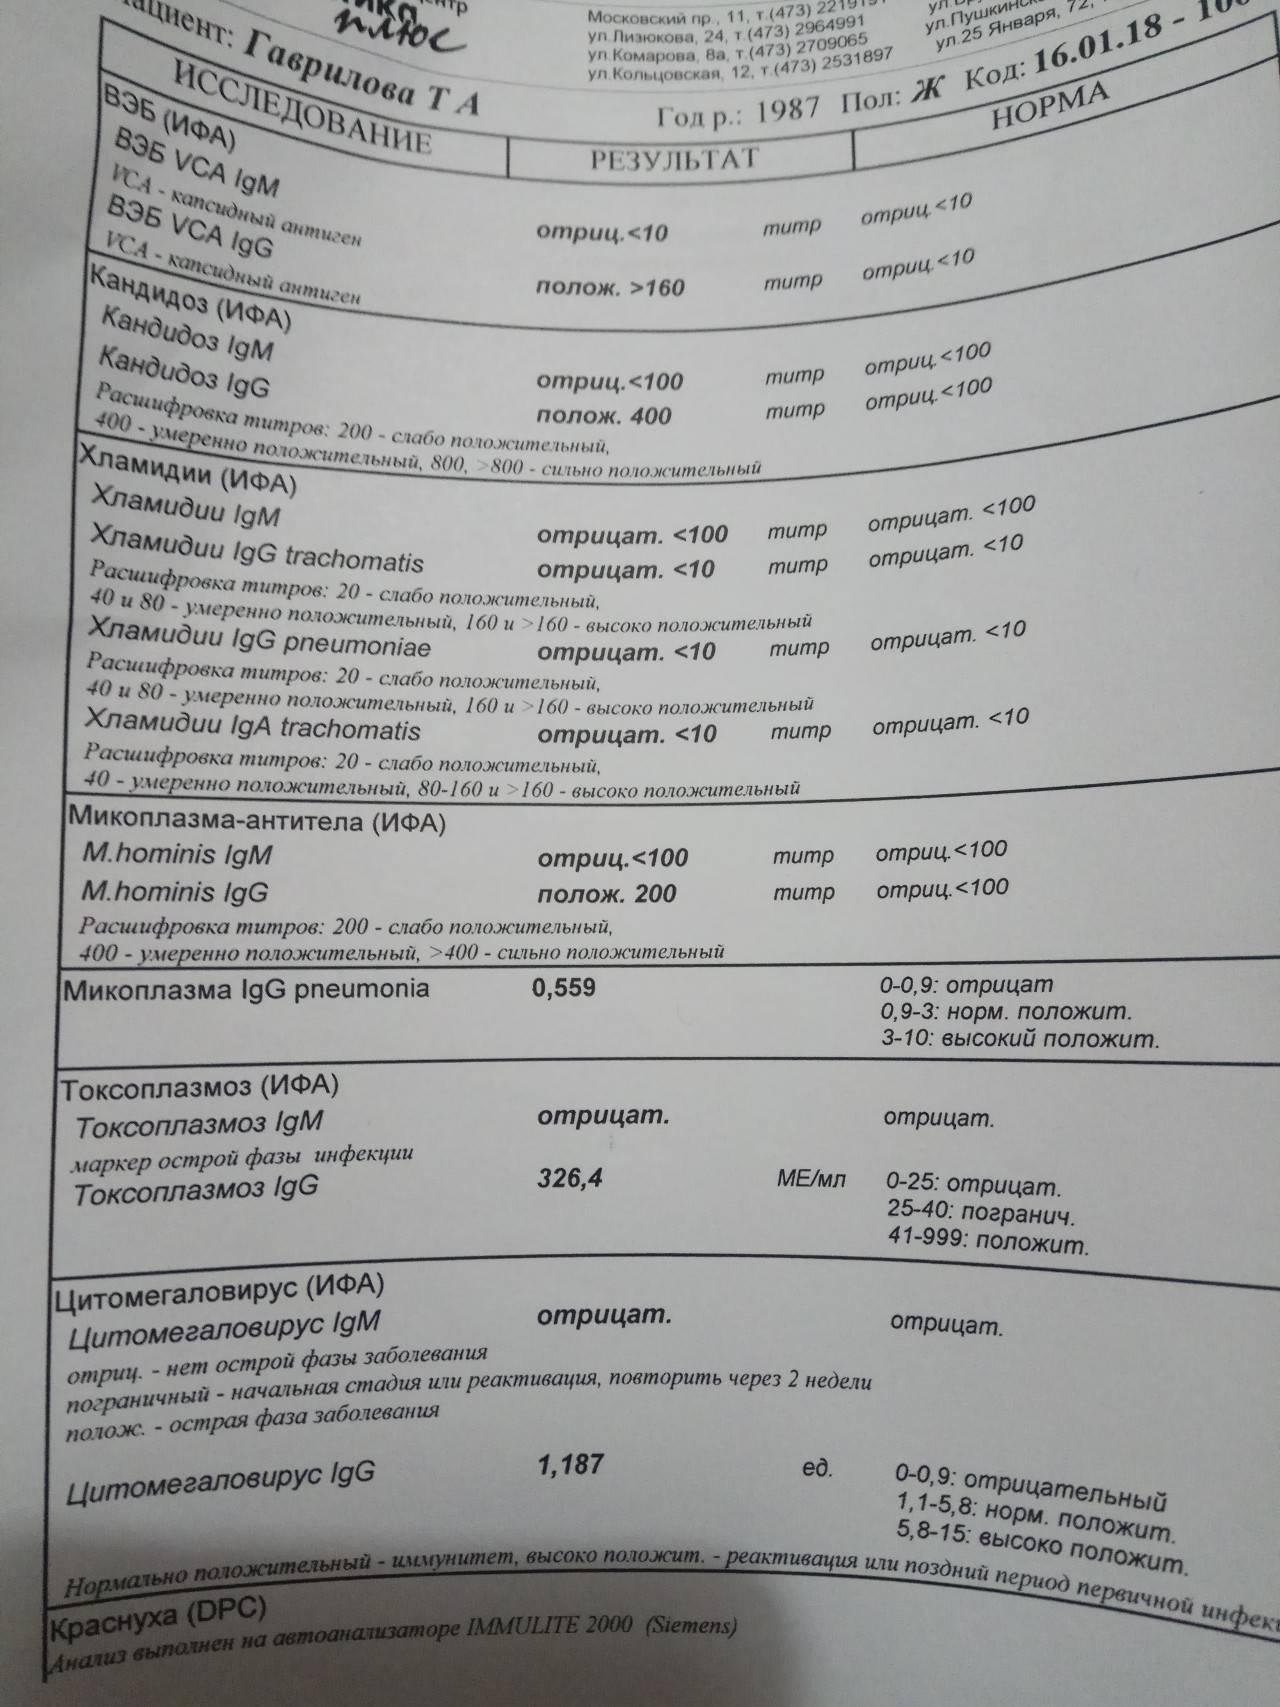 Антитела к хламидии трахоматис